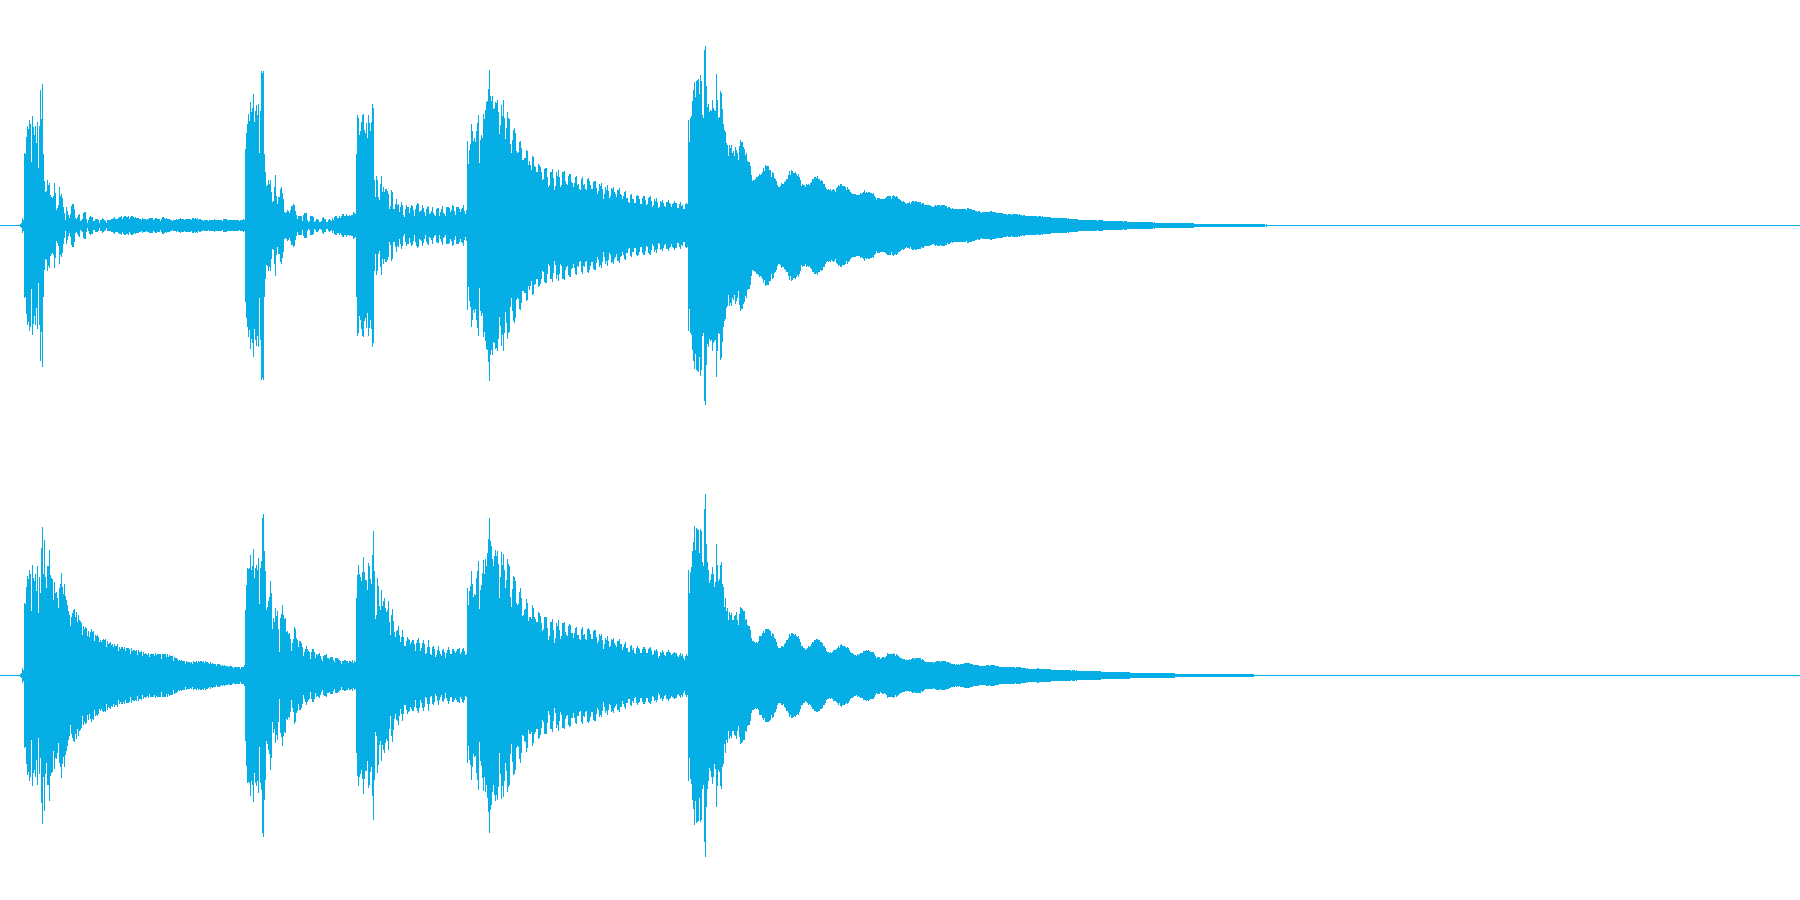 タンタラッタンタン(サウンドロゴ)の再生済みの波形